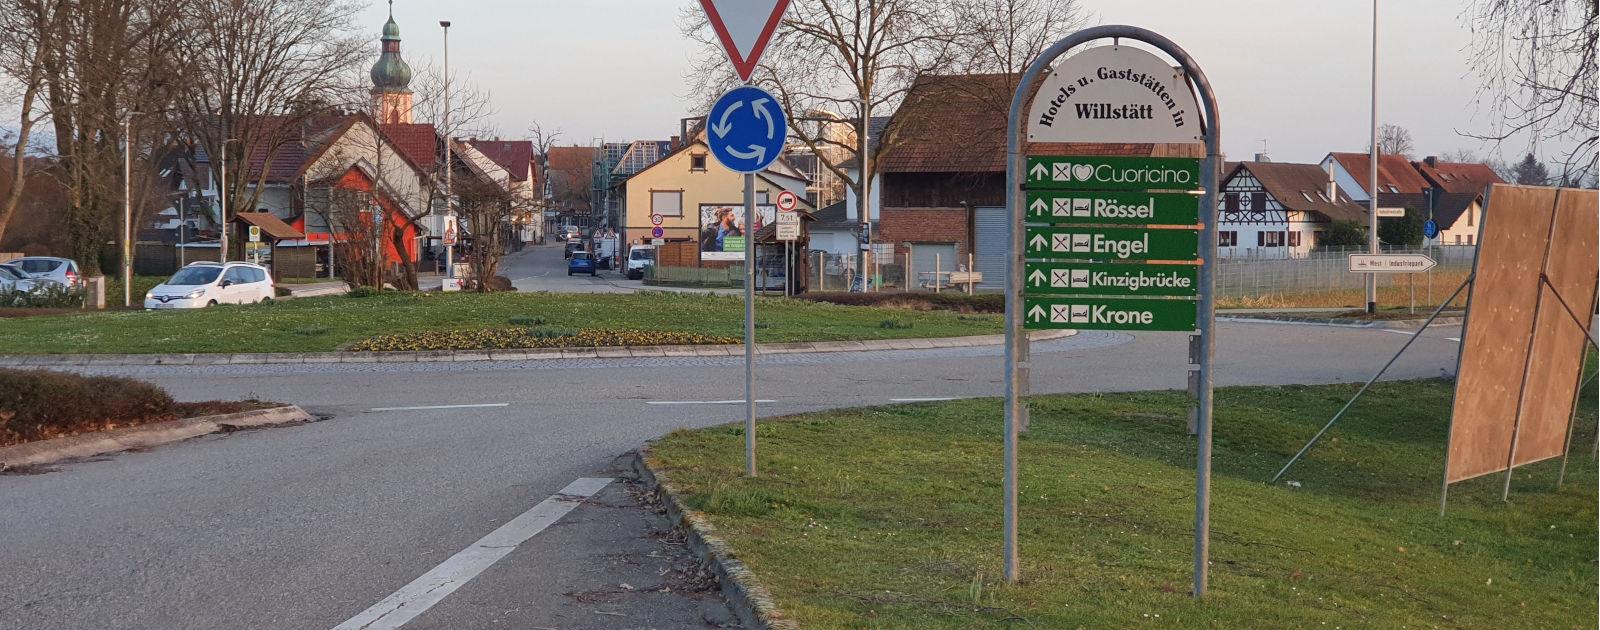 """Ortseinfahrt Willstätt mit Beschilderung """"Hotels und Gastronomie in Willstätt"""""""